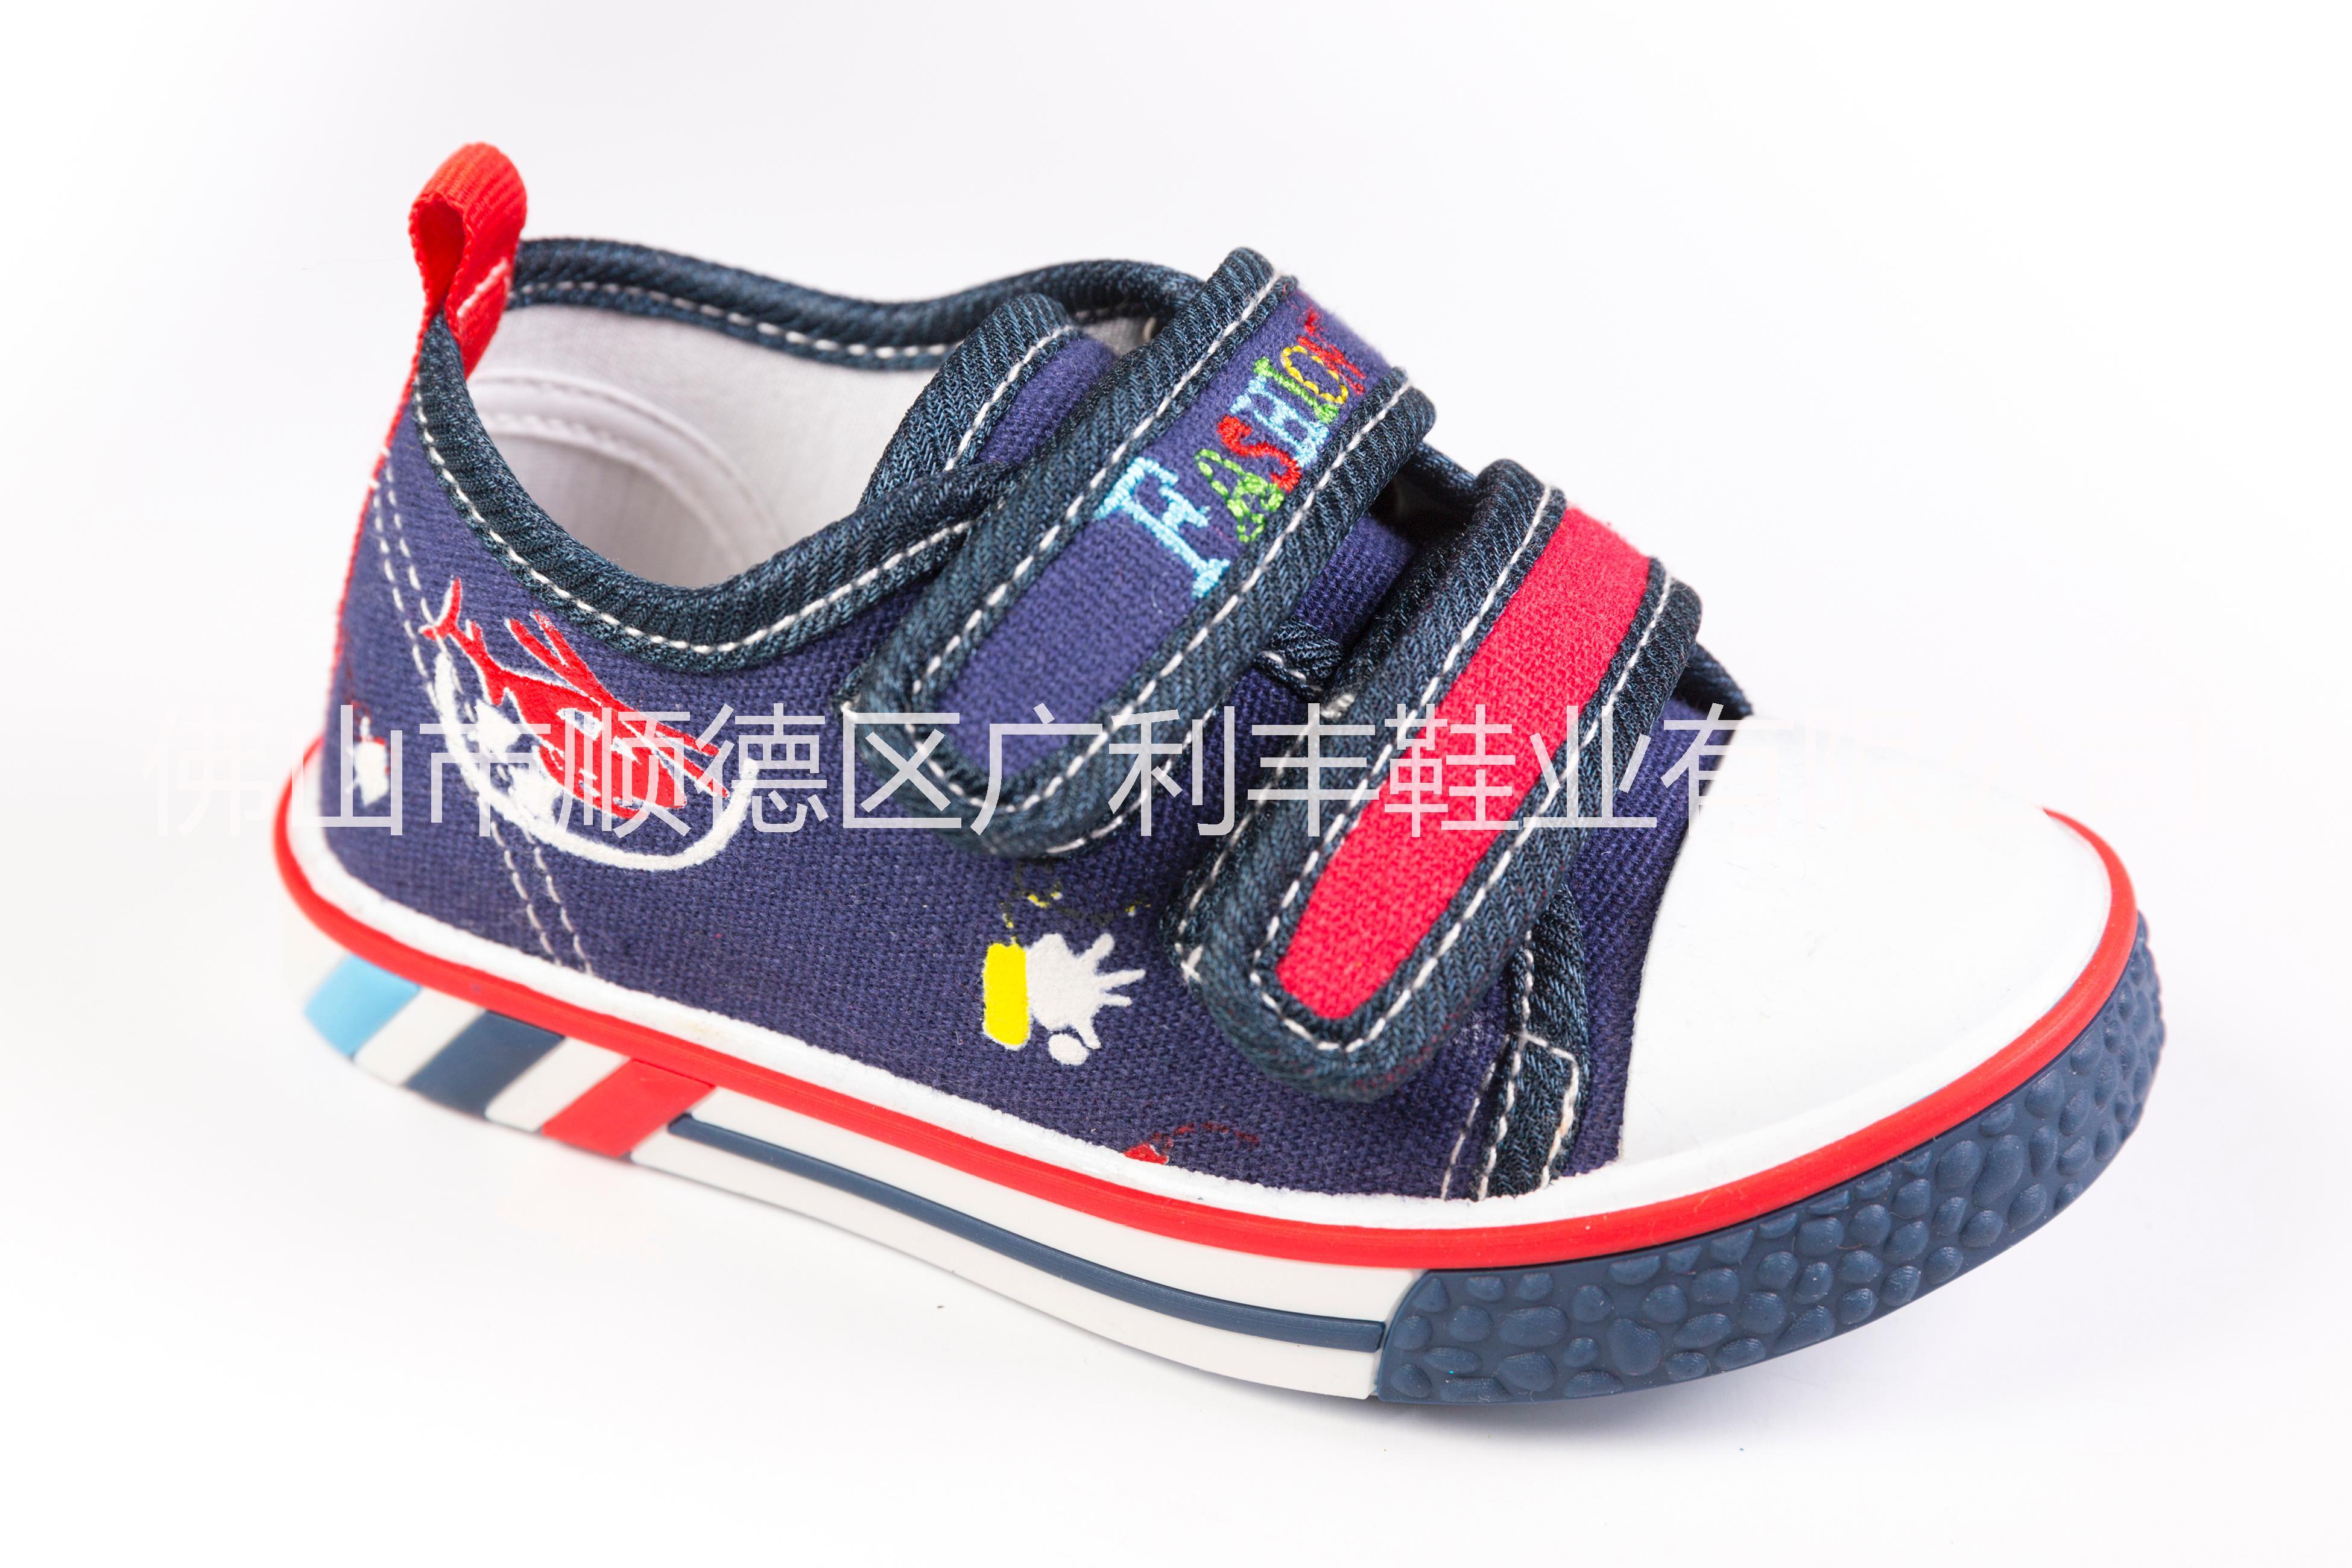 儿童布鞋厂家批发价格,优质童鞋供应商,儿童布鞋大量采购